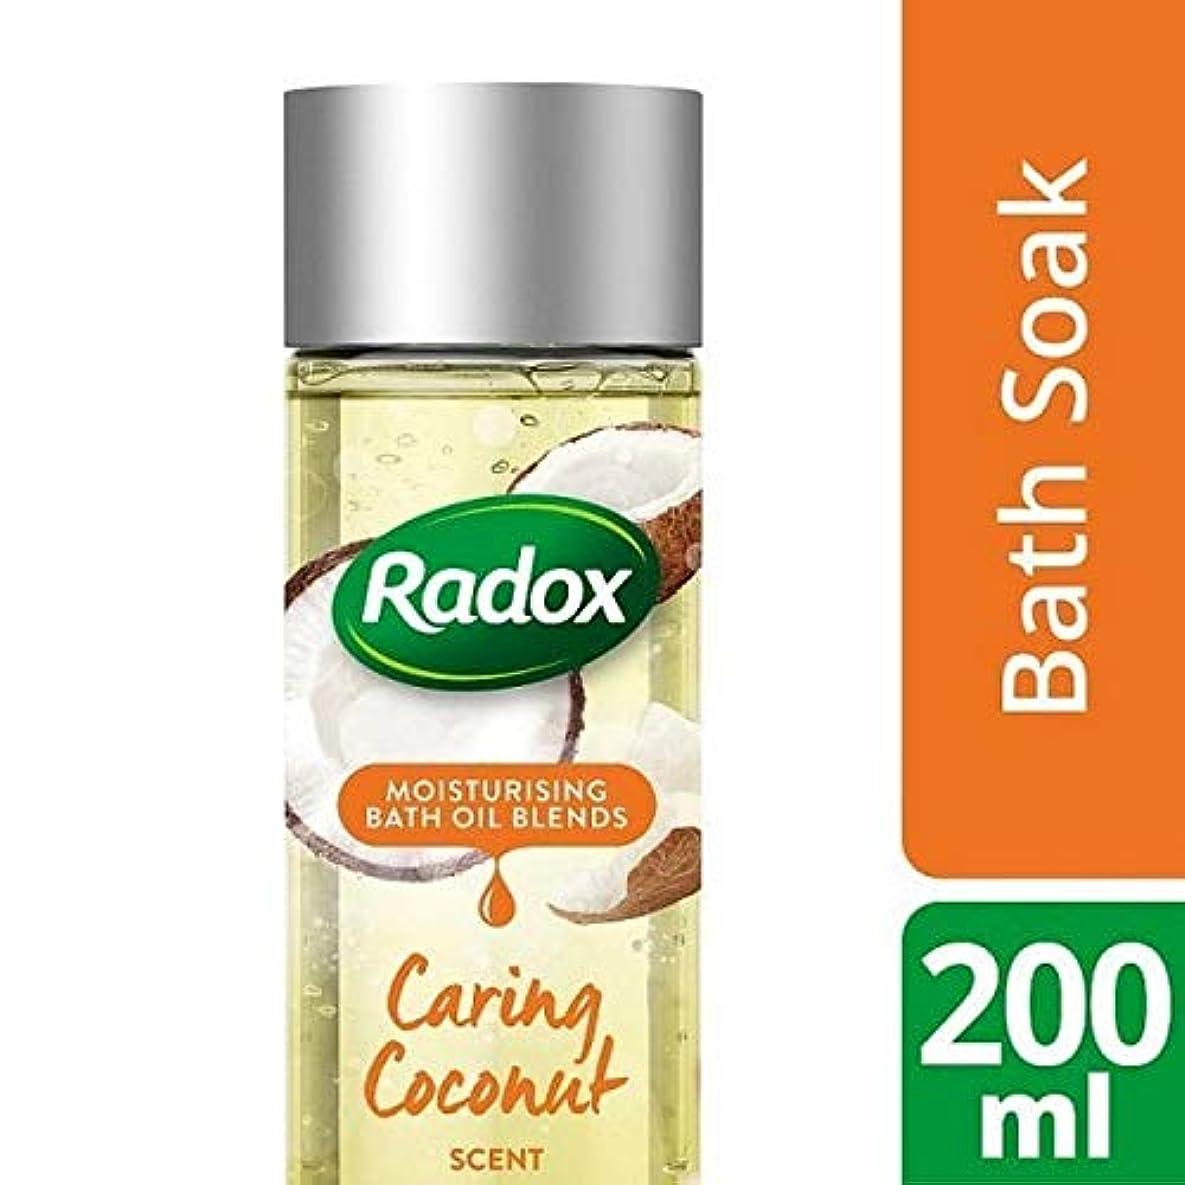 フィールドラフ大混乱[Radox] Radoxのバスオイル思いやりのあるココナッツの香りの200ミリリットル - Radox Bath Oil Caring Coconut Scent 200ml [並行輸入品]